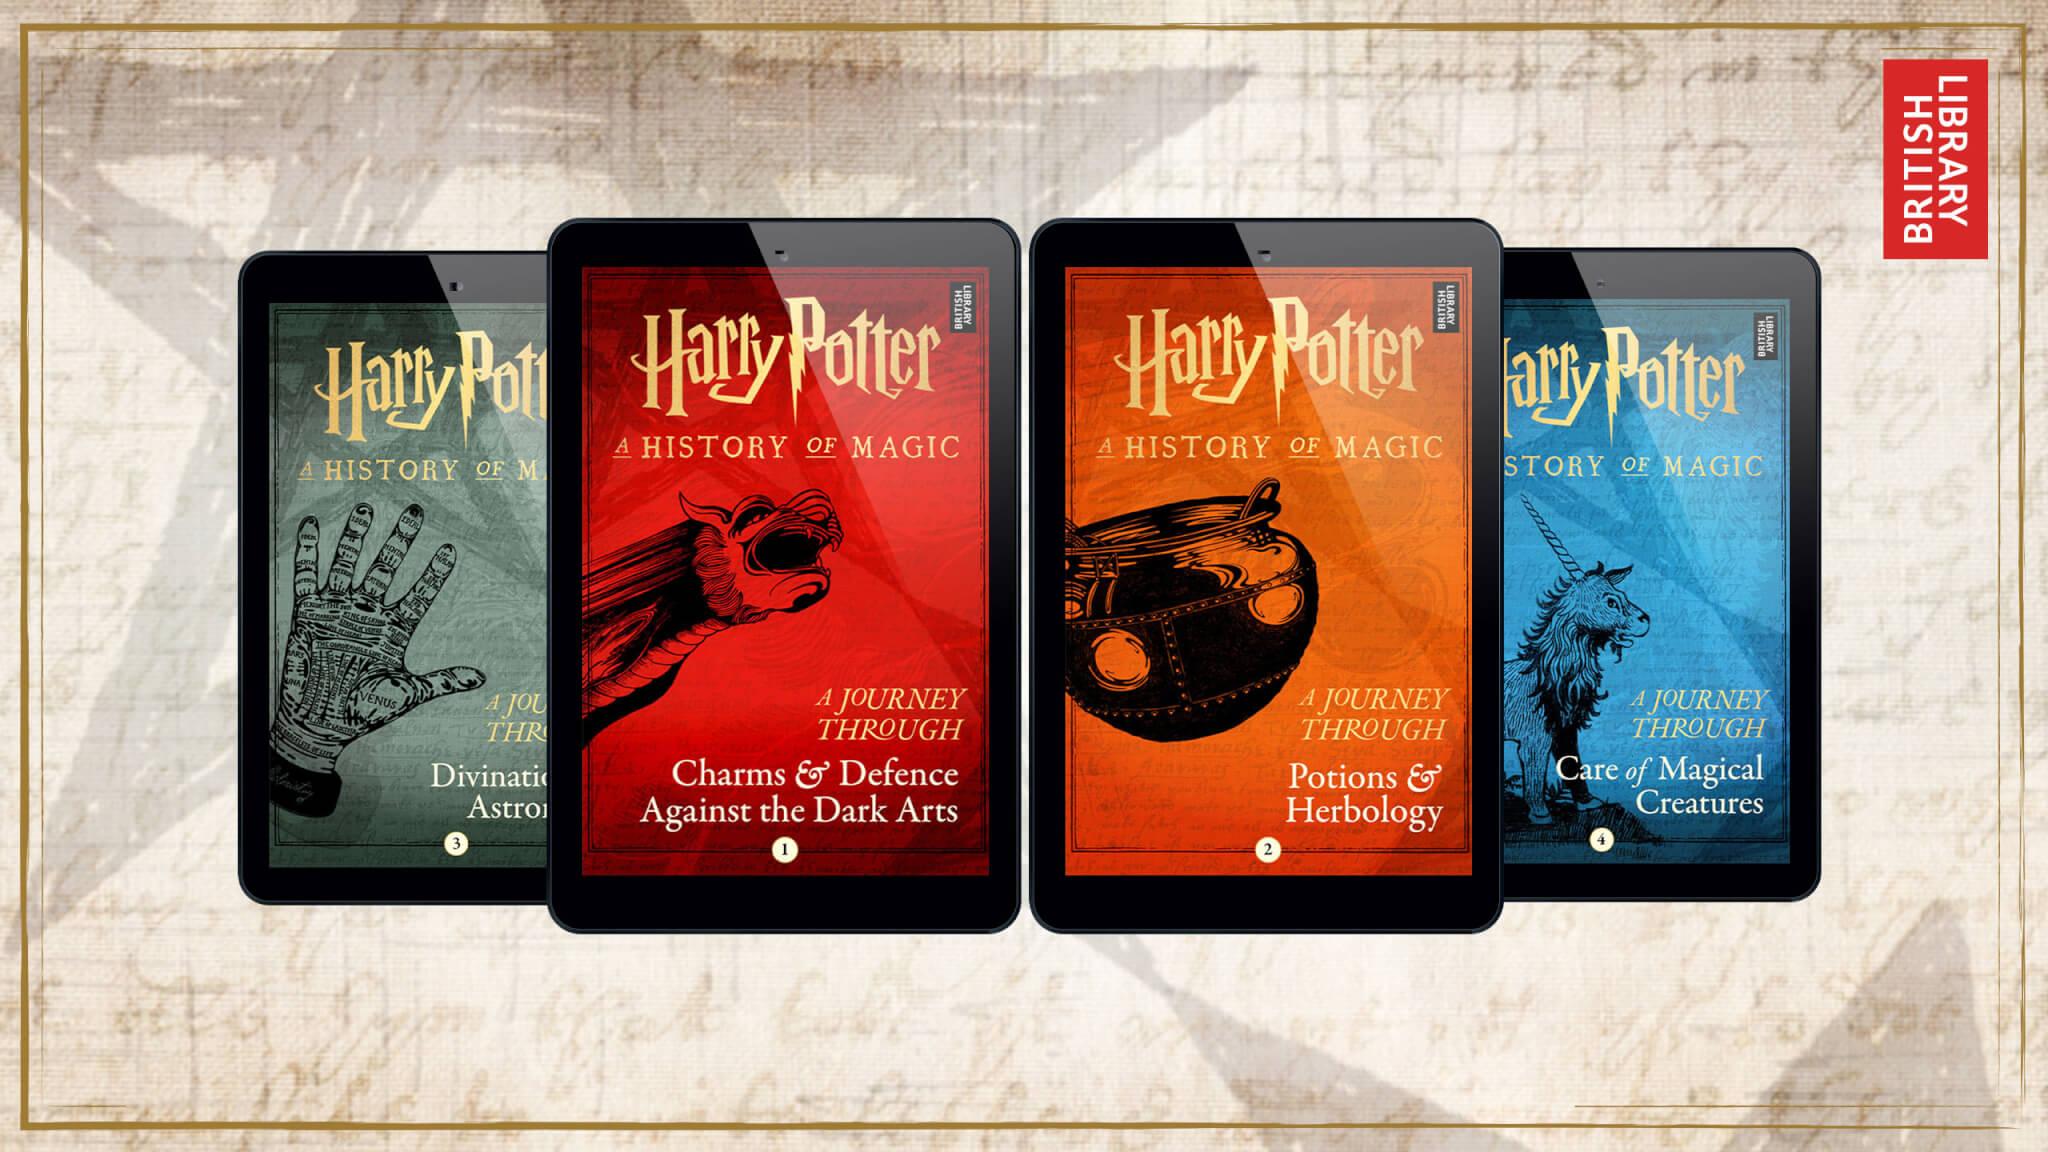 JK Rowling publica nuevos libros